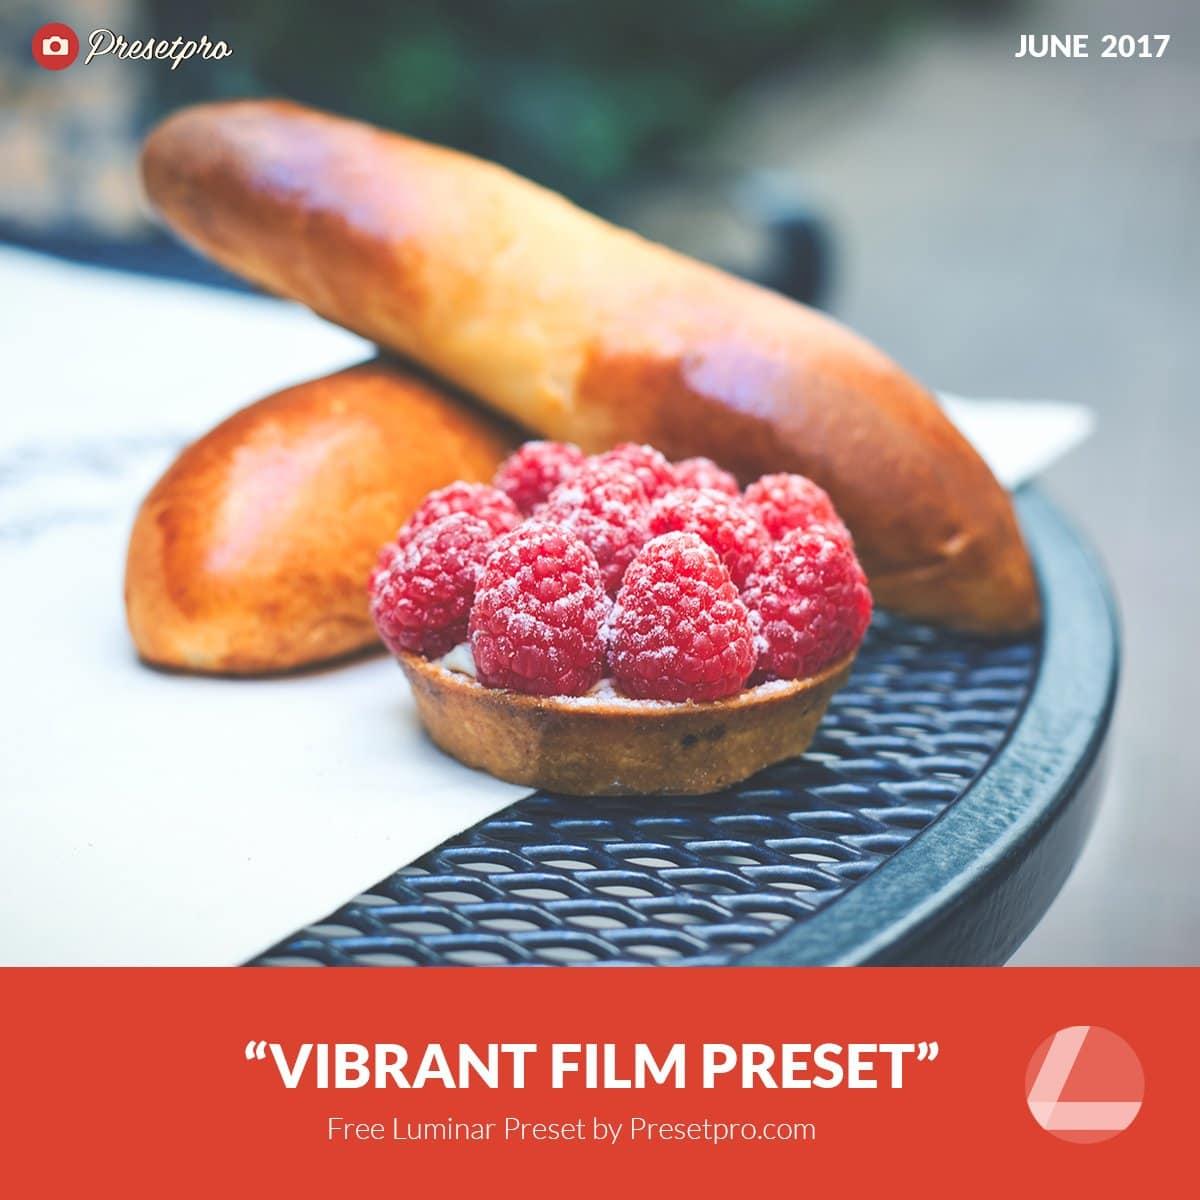 Free-Luminar-Preset-Vibrant-Film-Presetpro.com